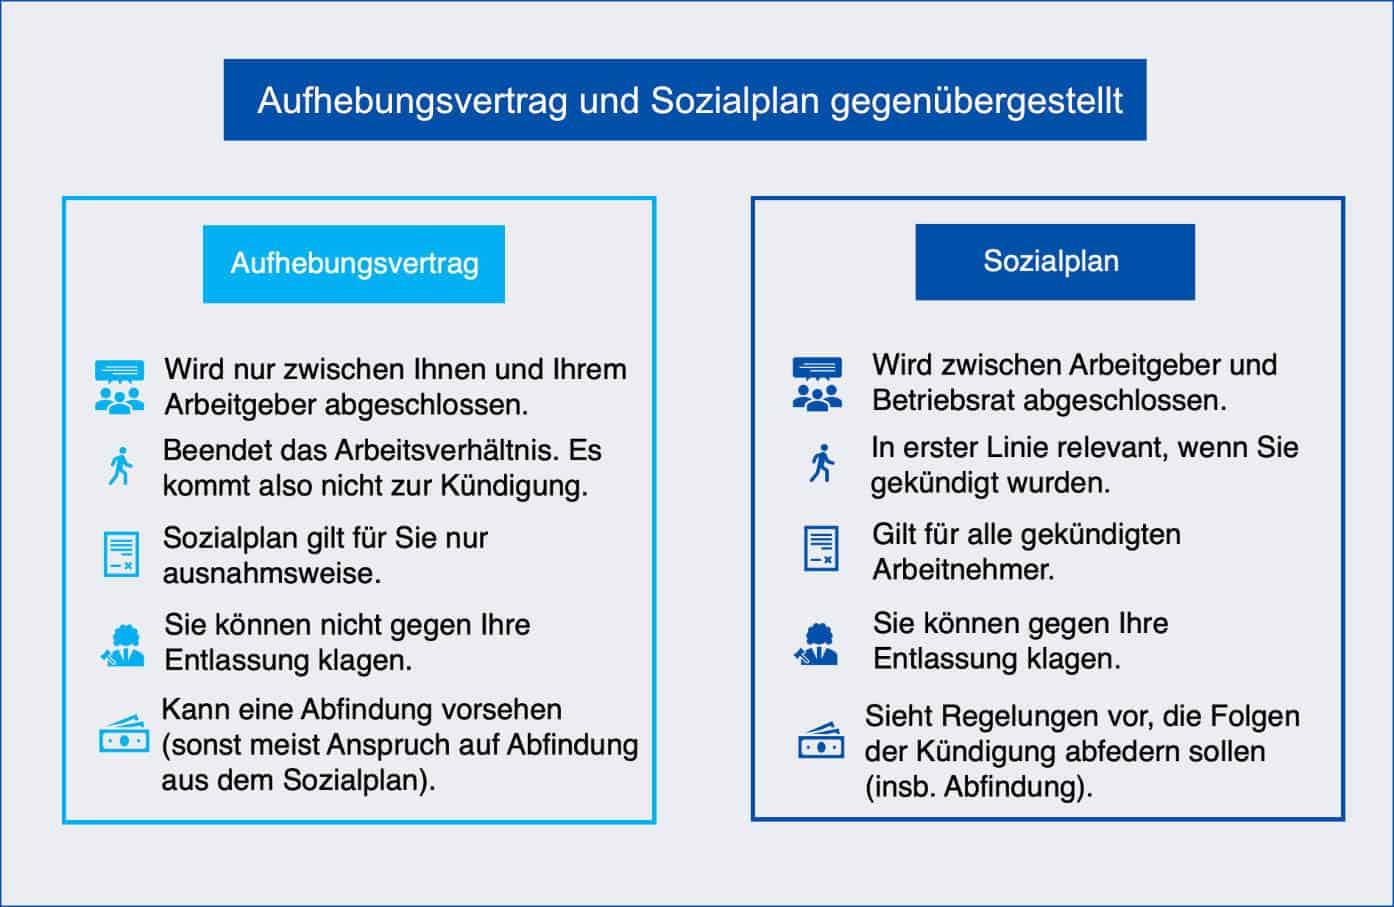 Aufhebungsvertrag und Sozialplan gegenübergestellt.